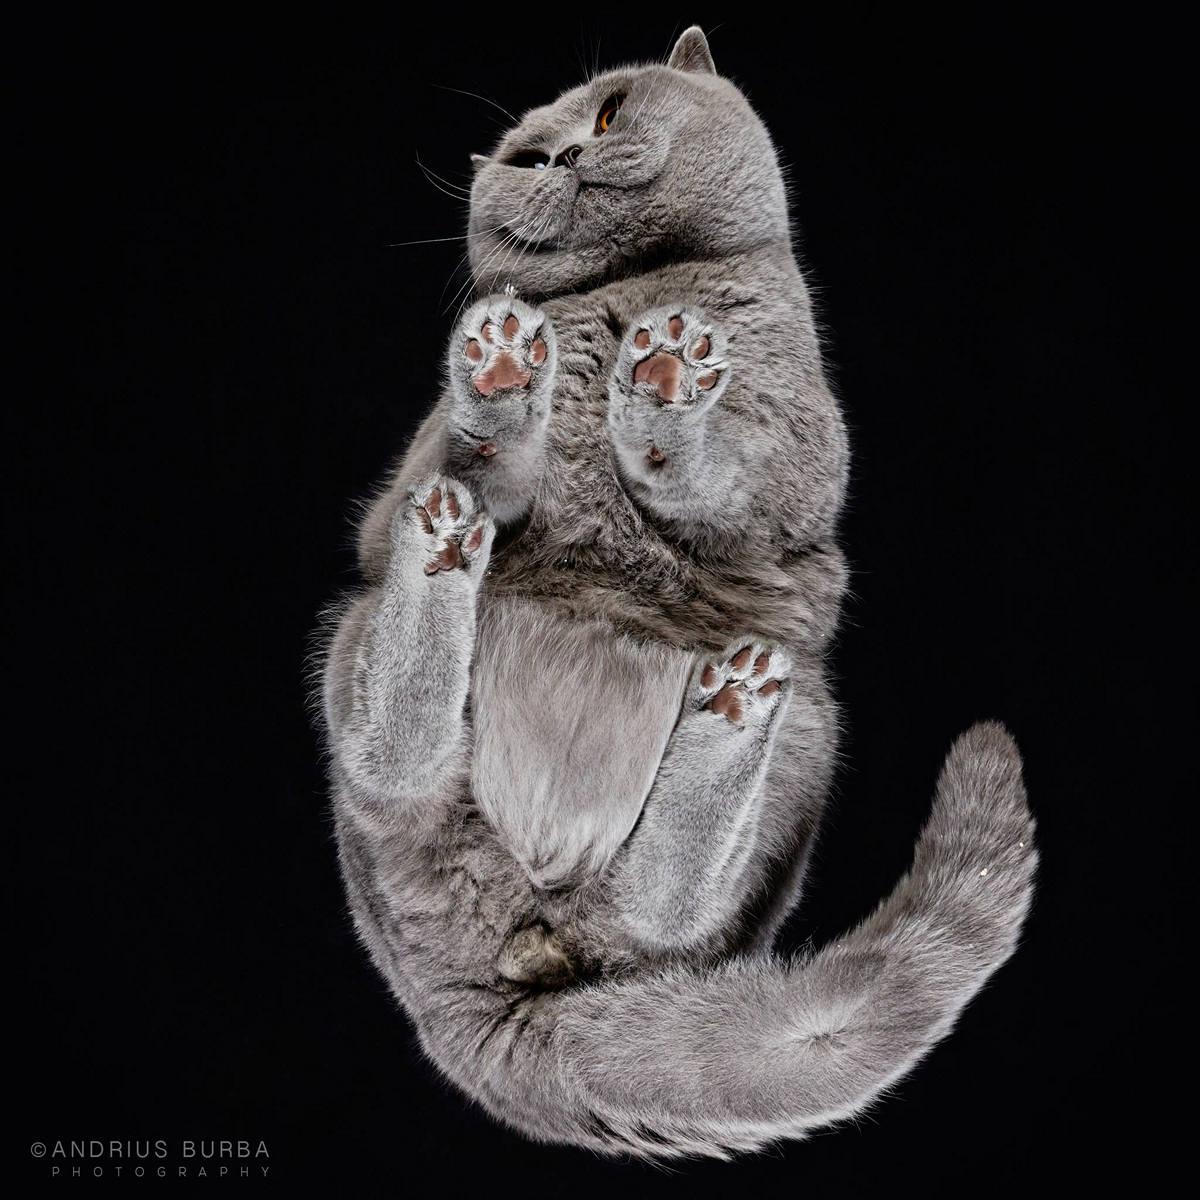 «Взгляд снизу»: чудные фотографии животных в проекте Андриуса Бурбы 28